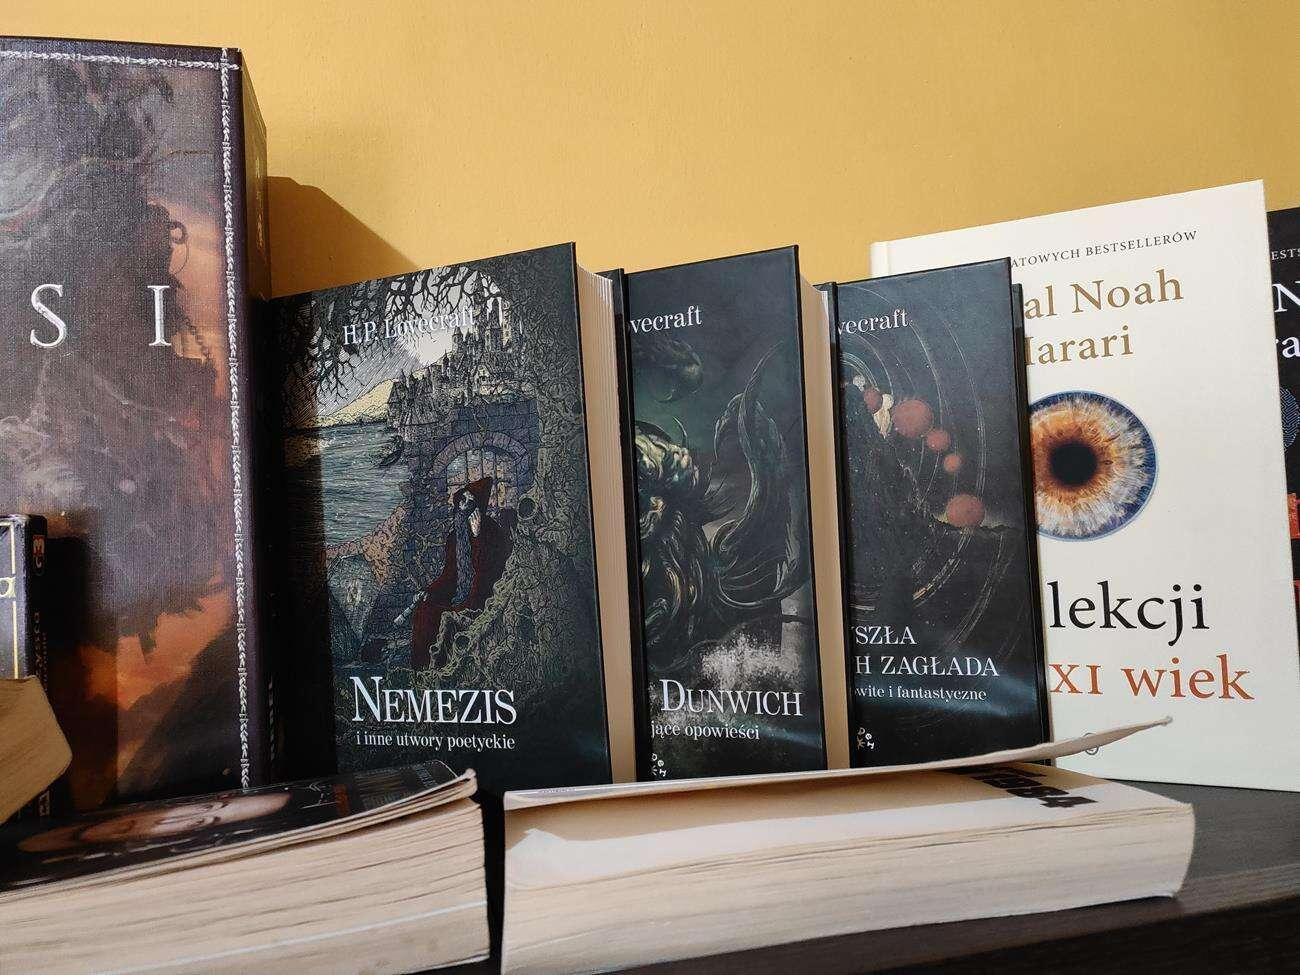 W kwarantannie oddajcie się lekturze! Oto książki warte przeczytania